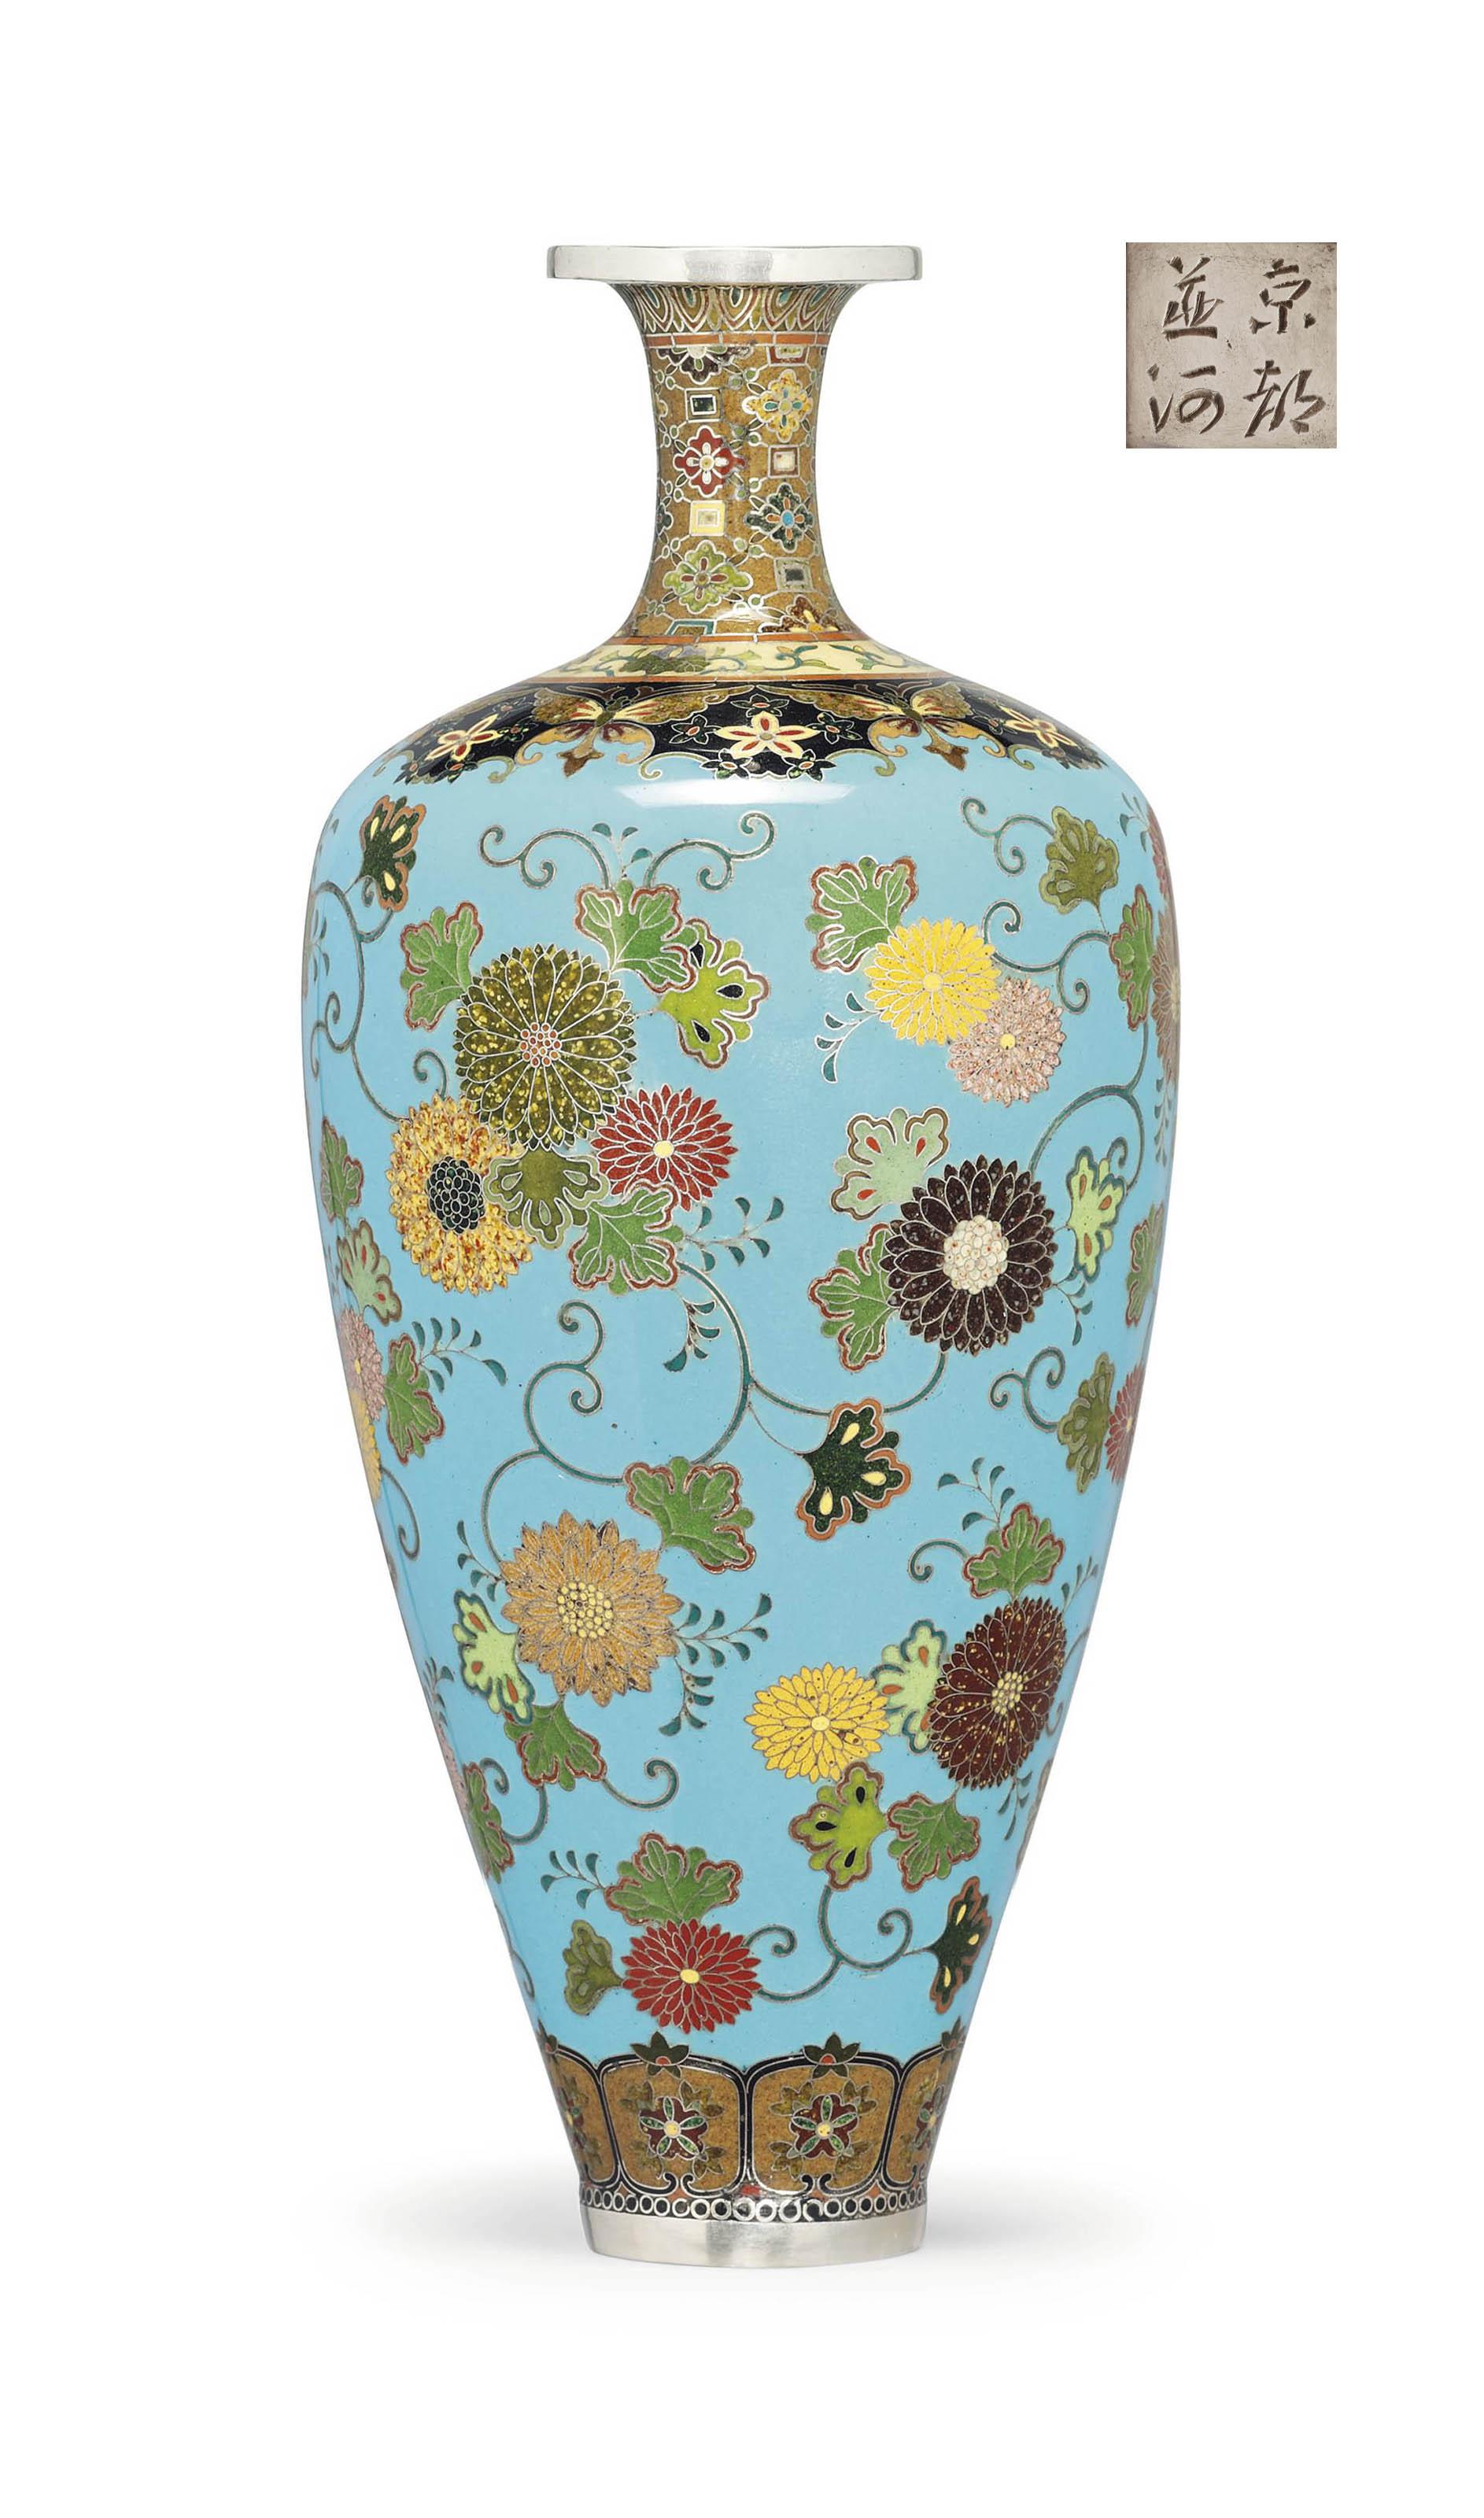 A Fine Cloisonné Vase